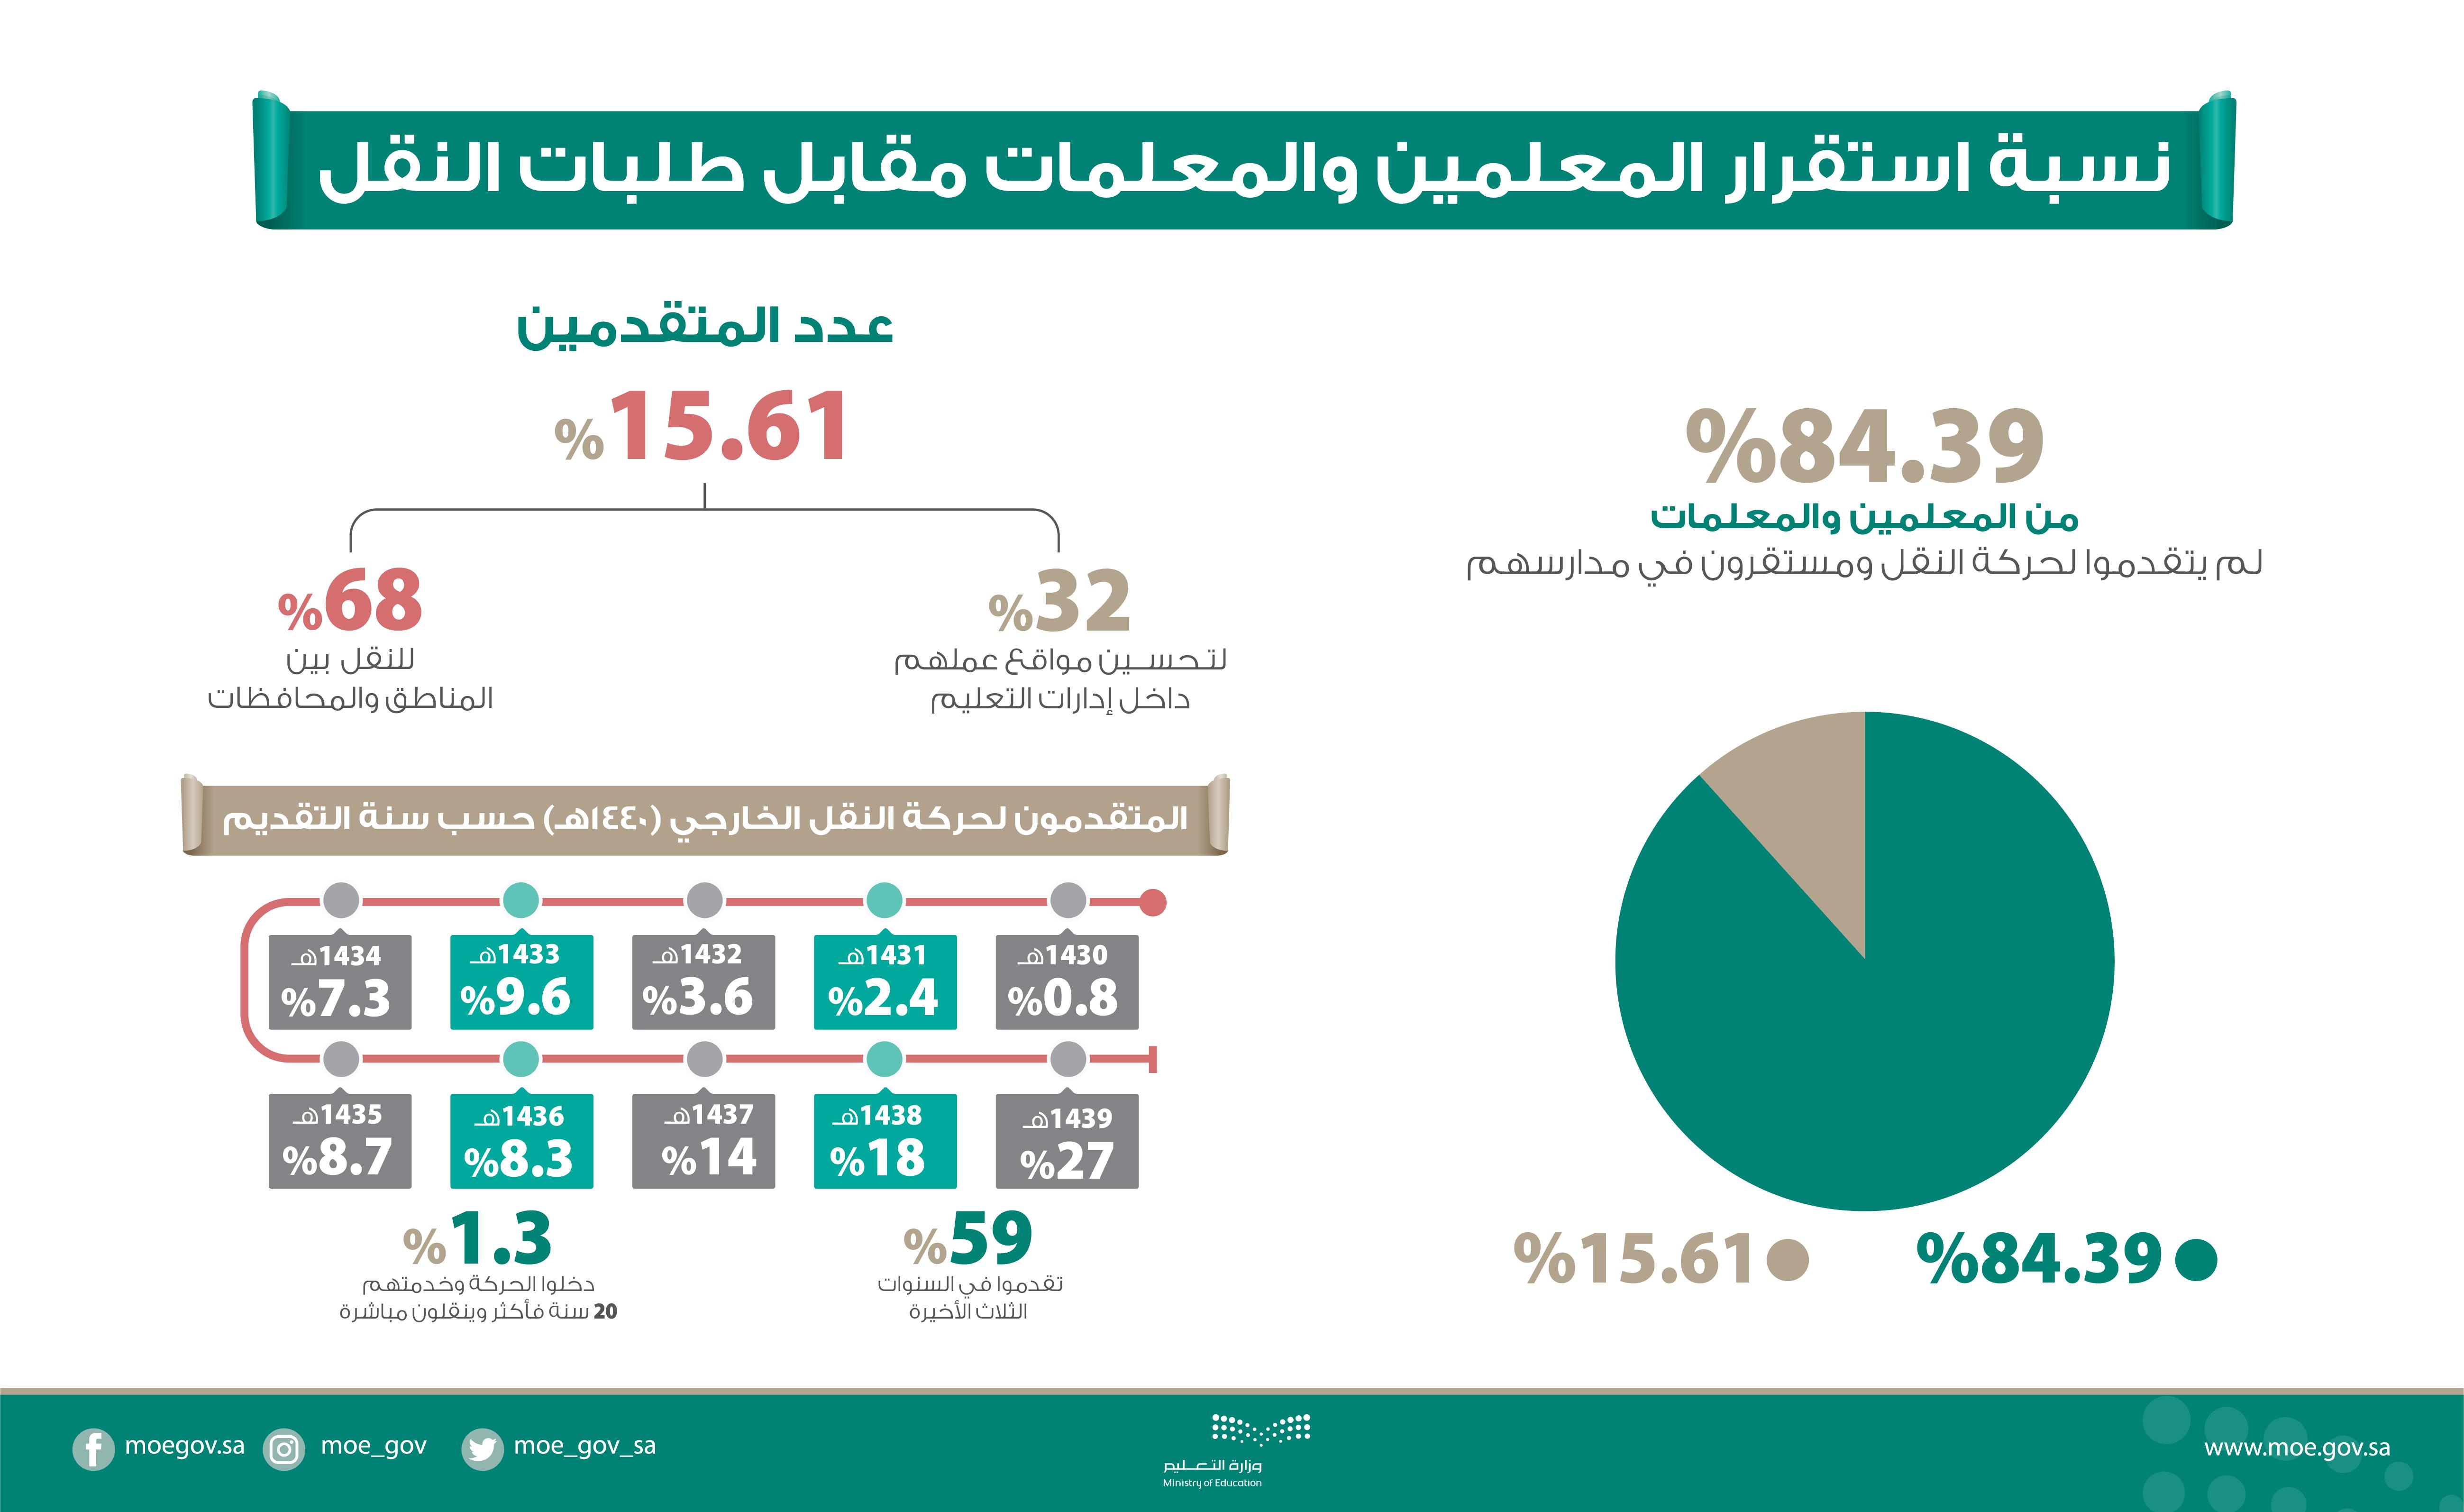 القوات المسلحة تختتم مشاركتها في المعرض السعودي الدولي للطيران